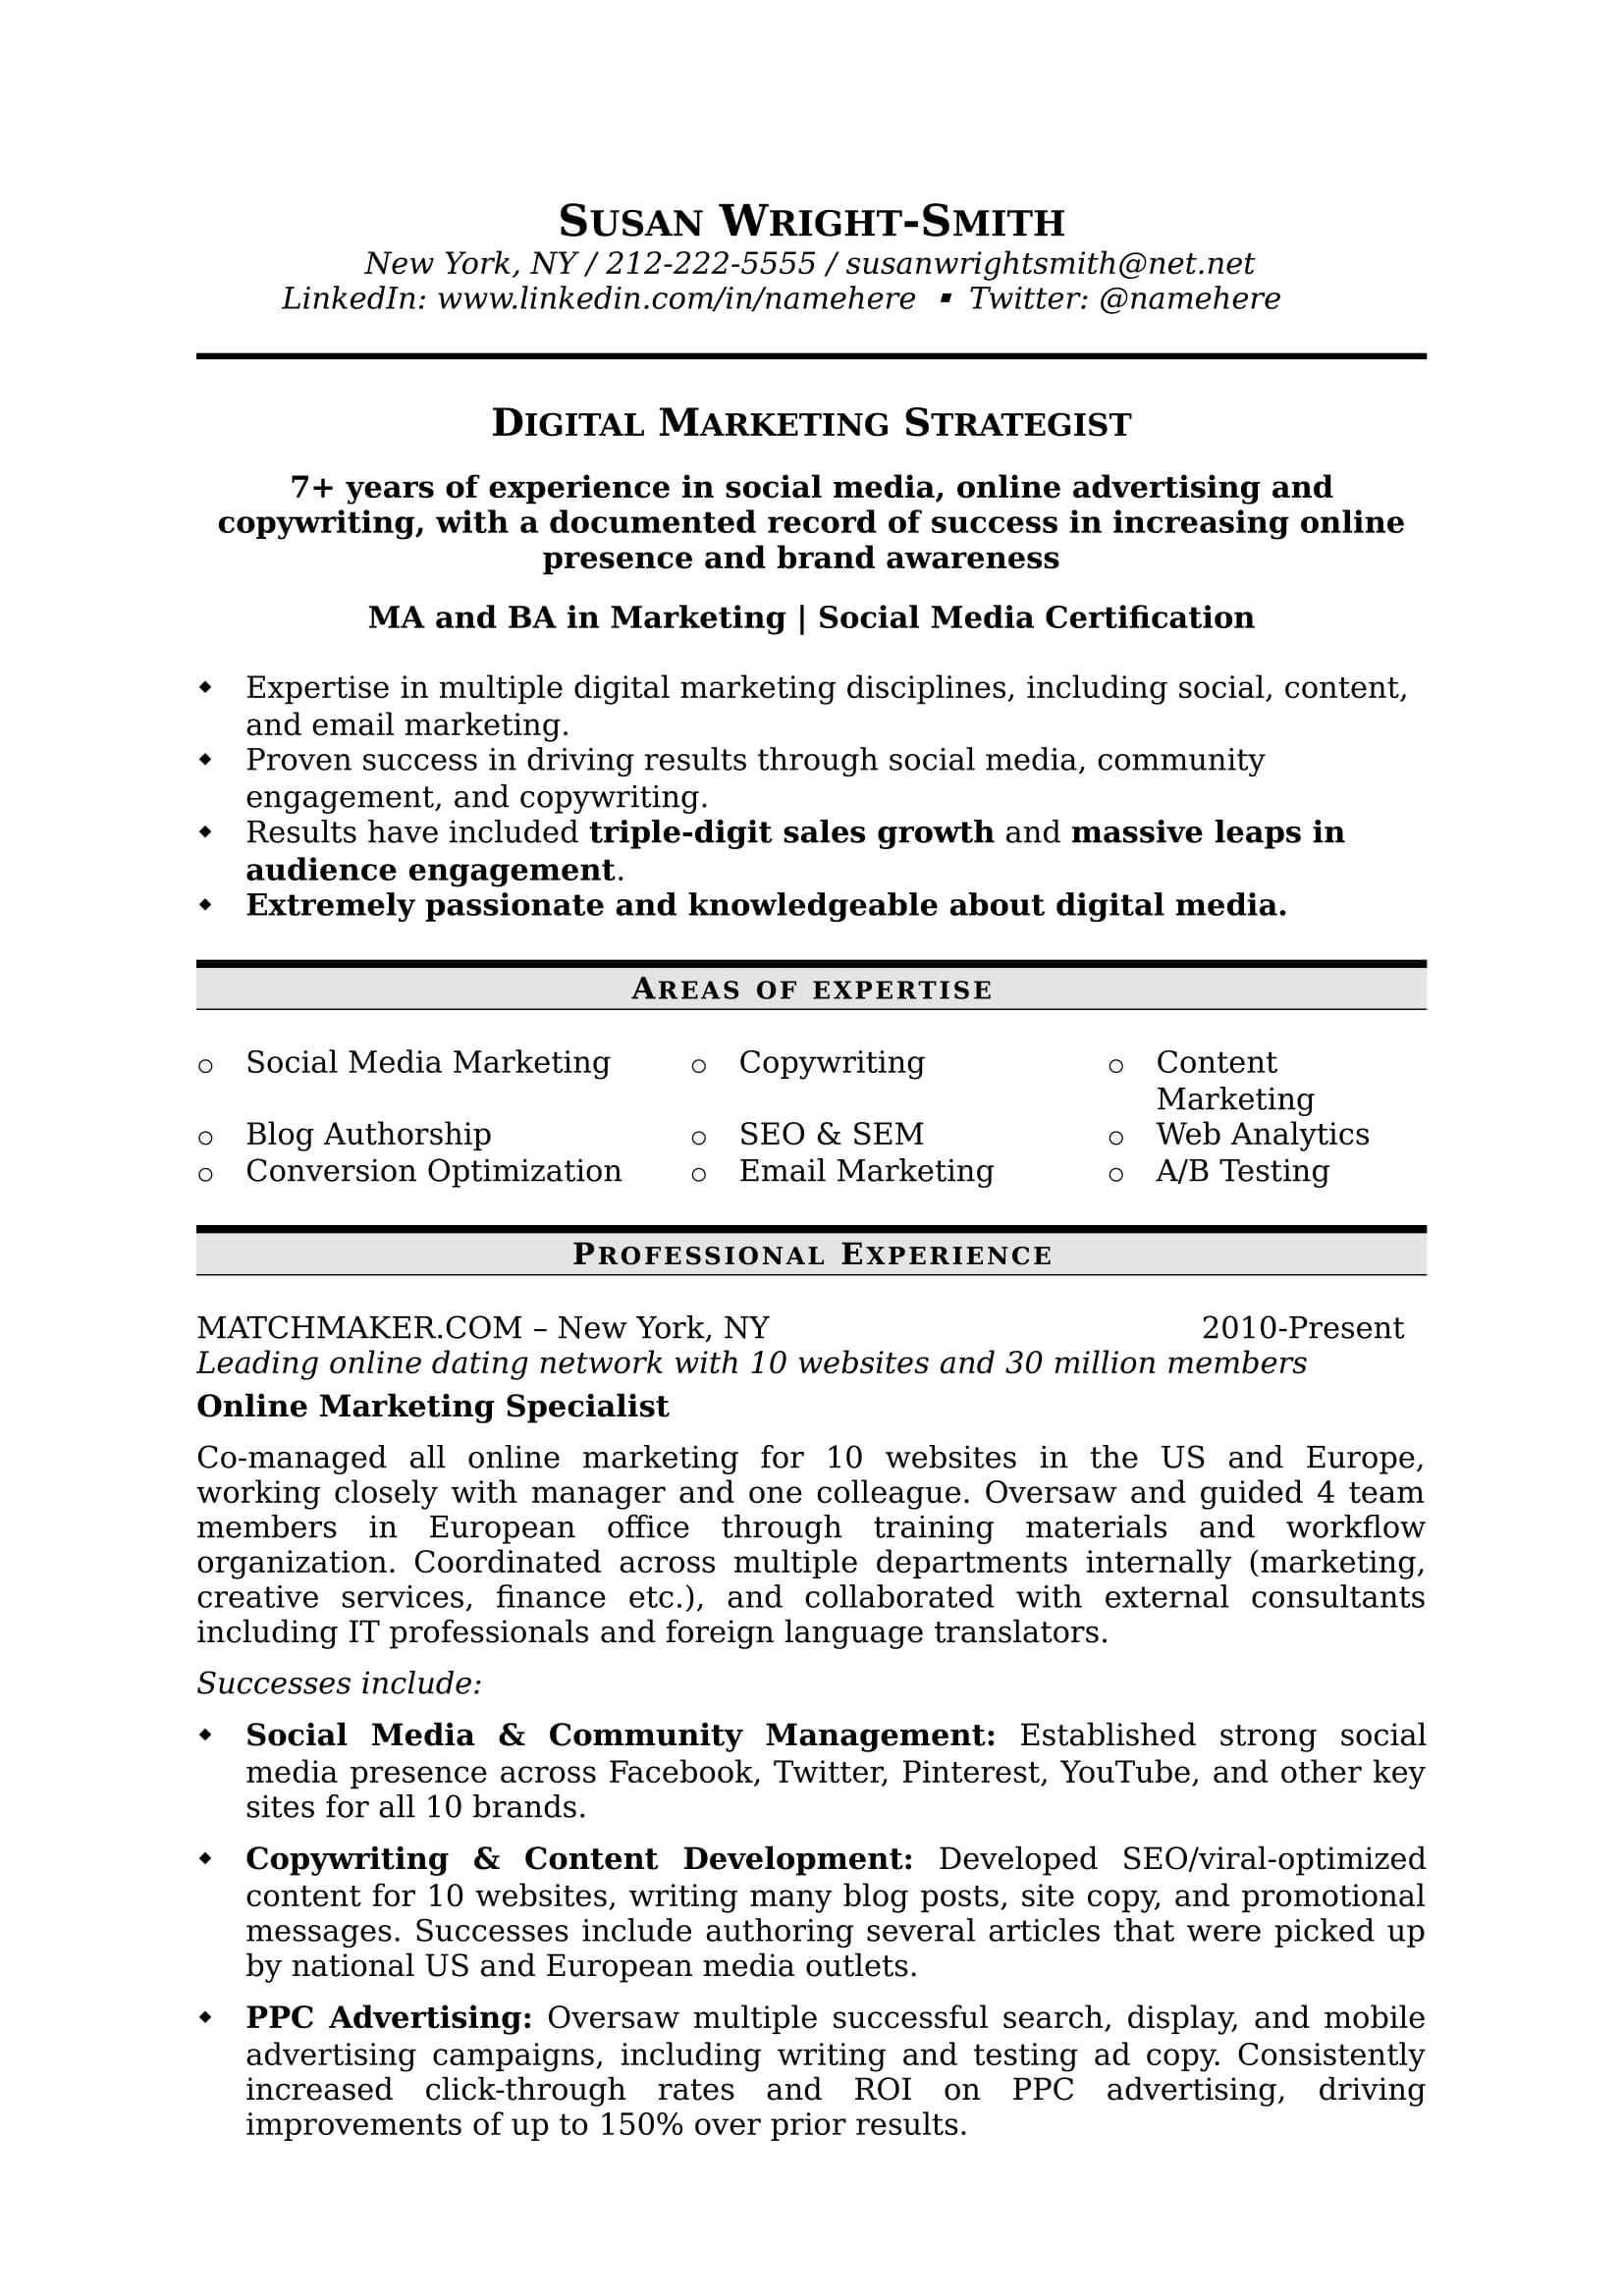 Advertising Resume Cover Letter - digital advertising resume